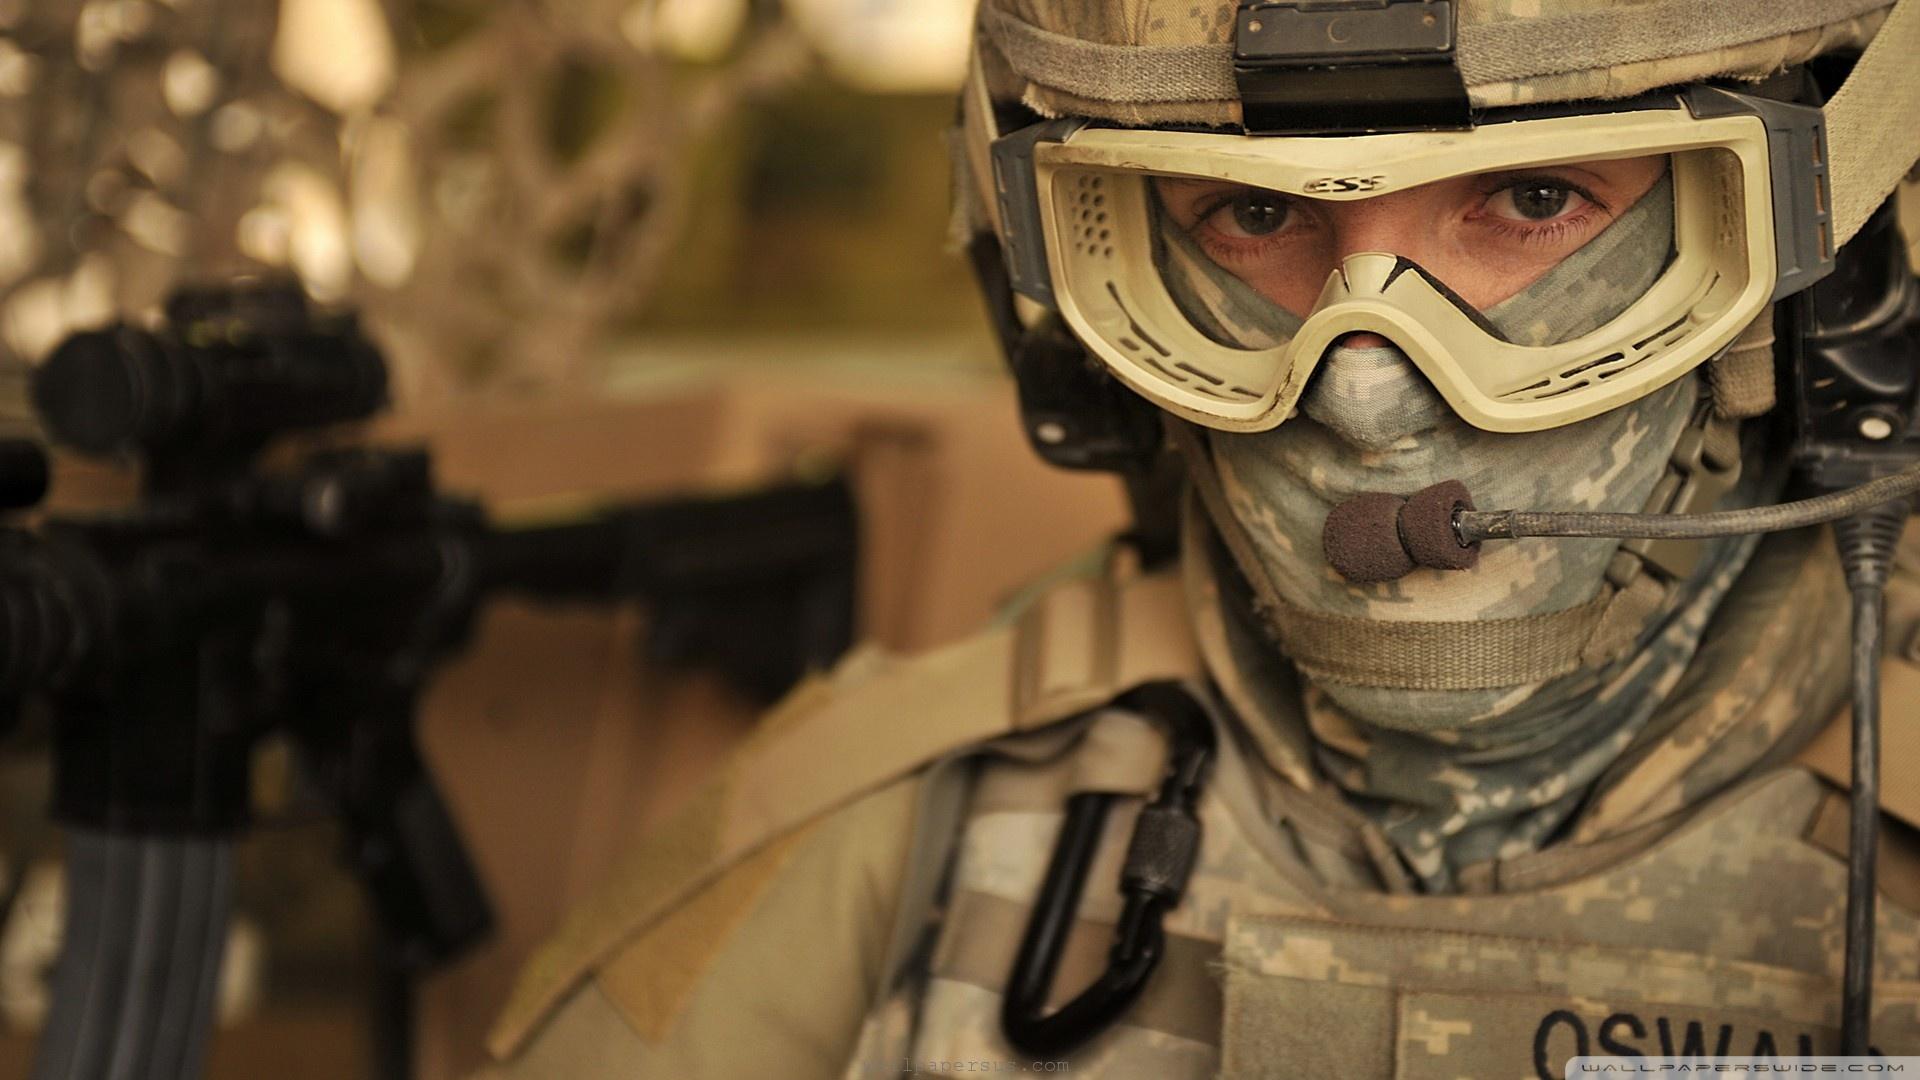 Про, картинки крутые военных